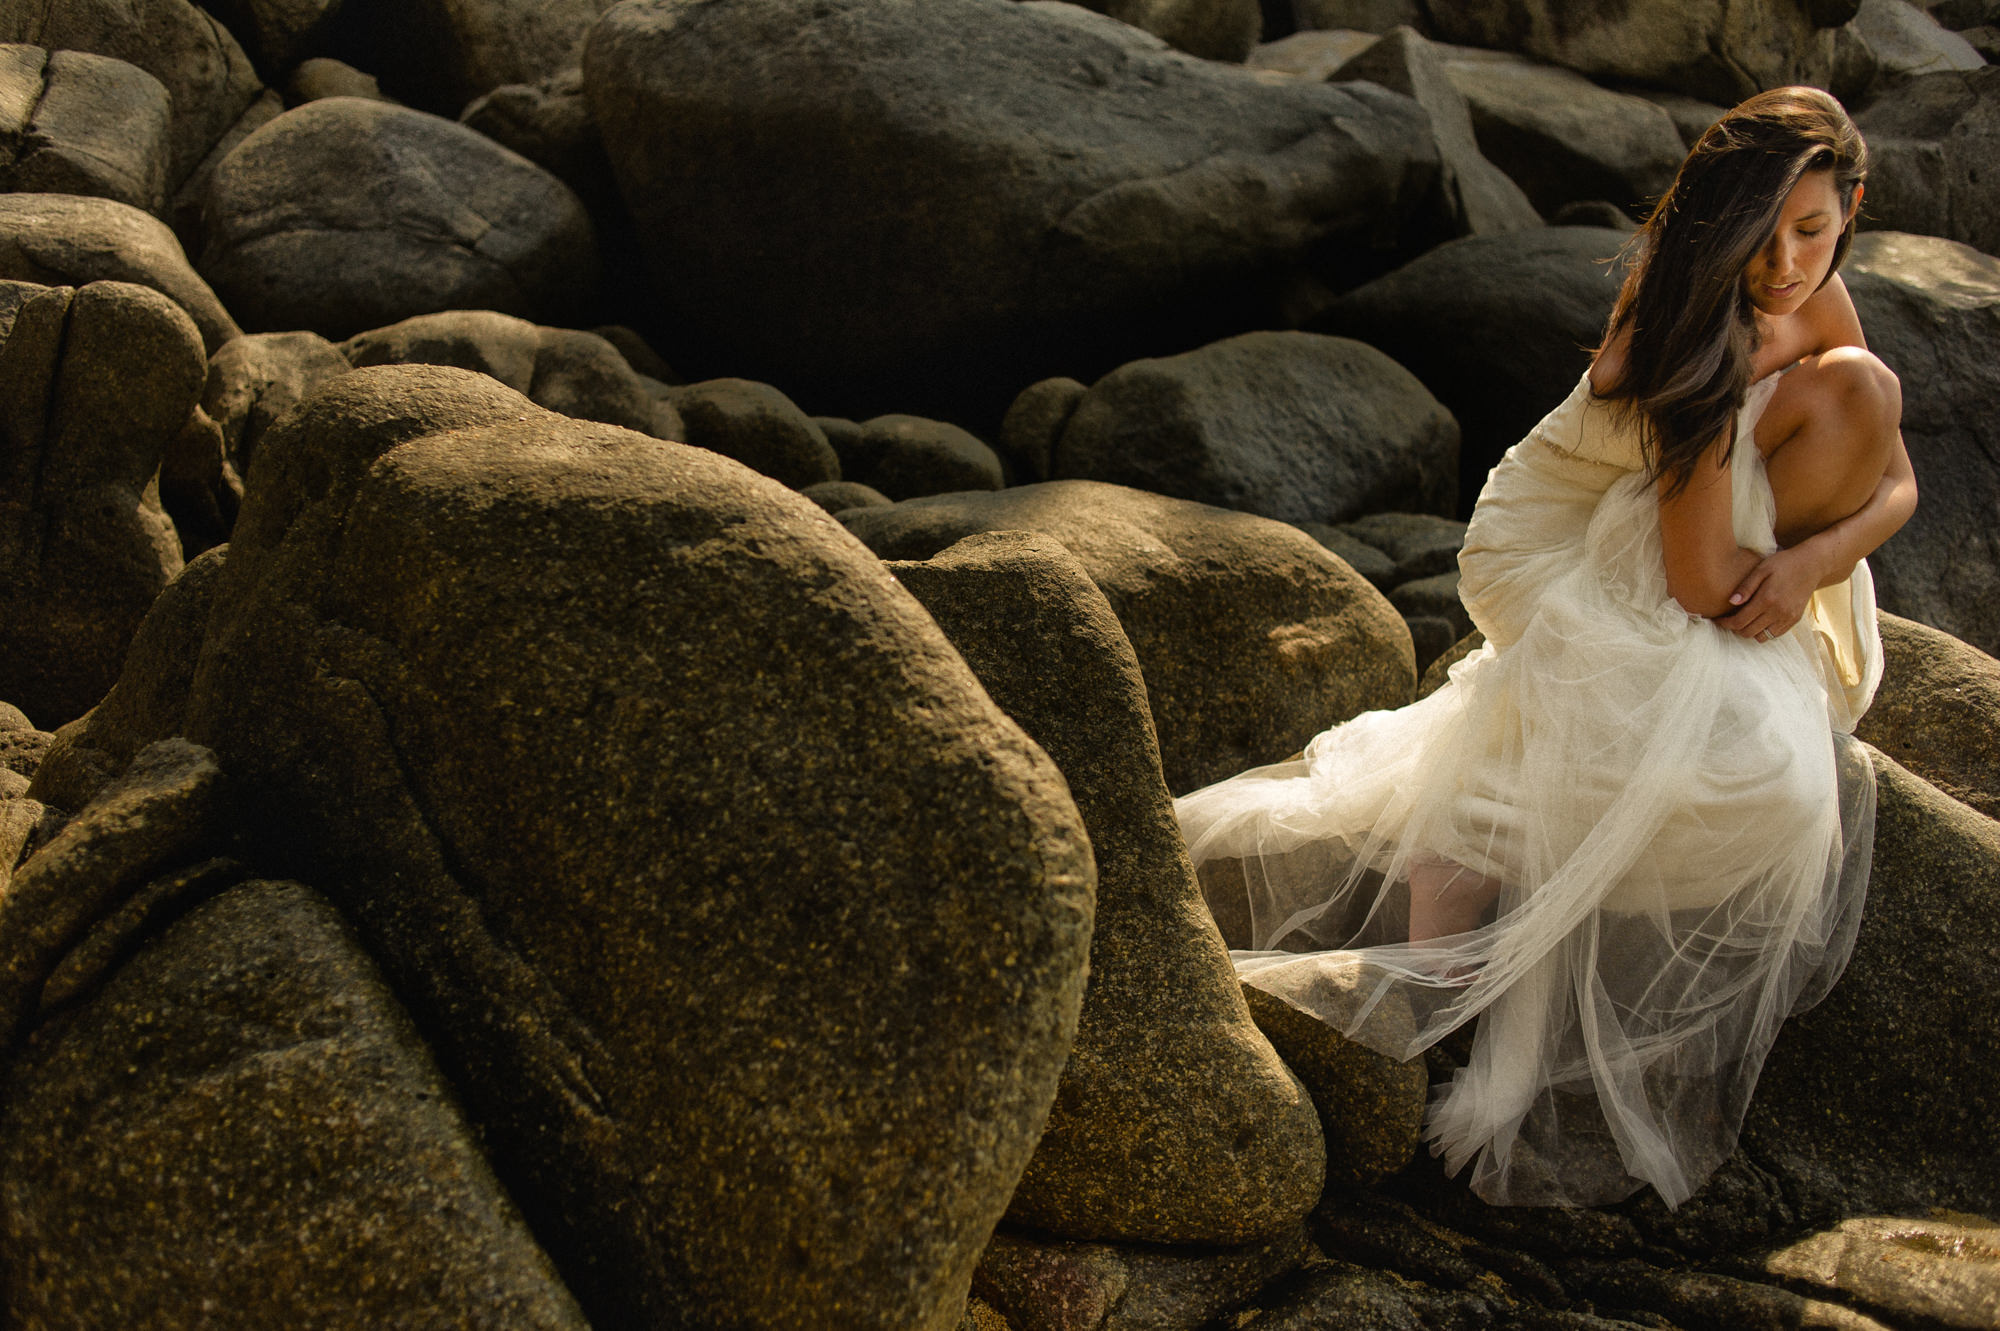 Lovely bridal portrait by Fer Juaristi